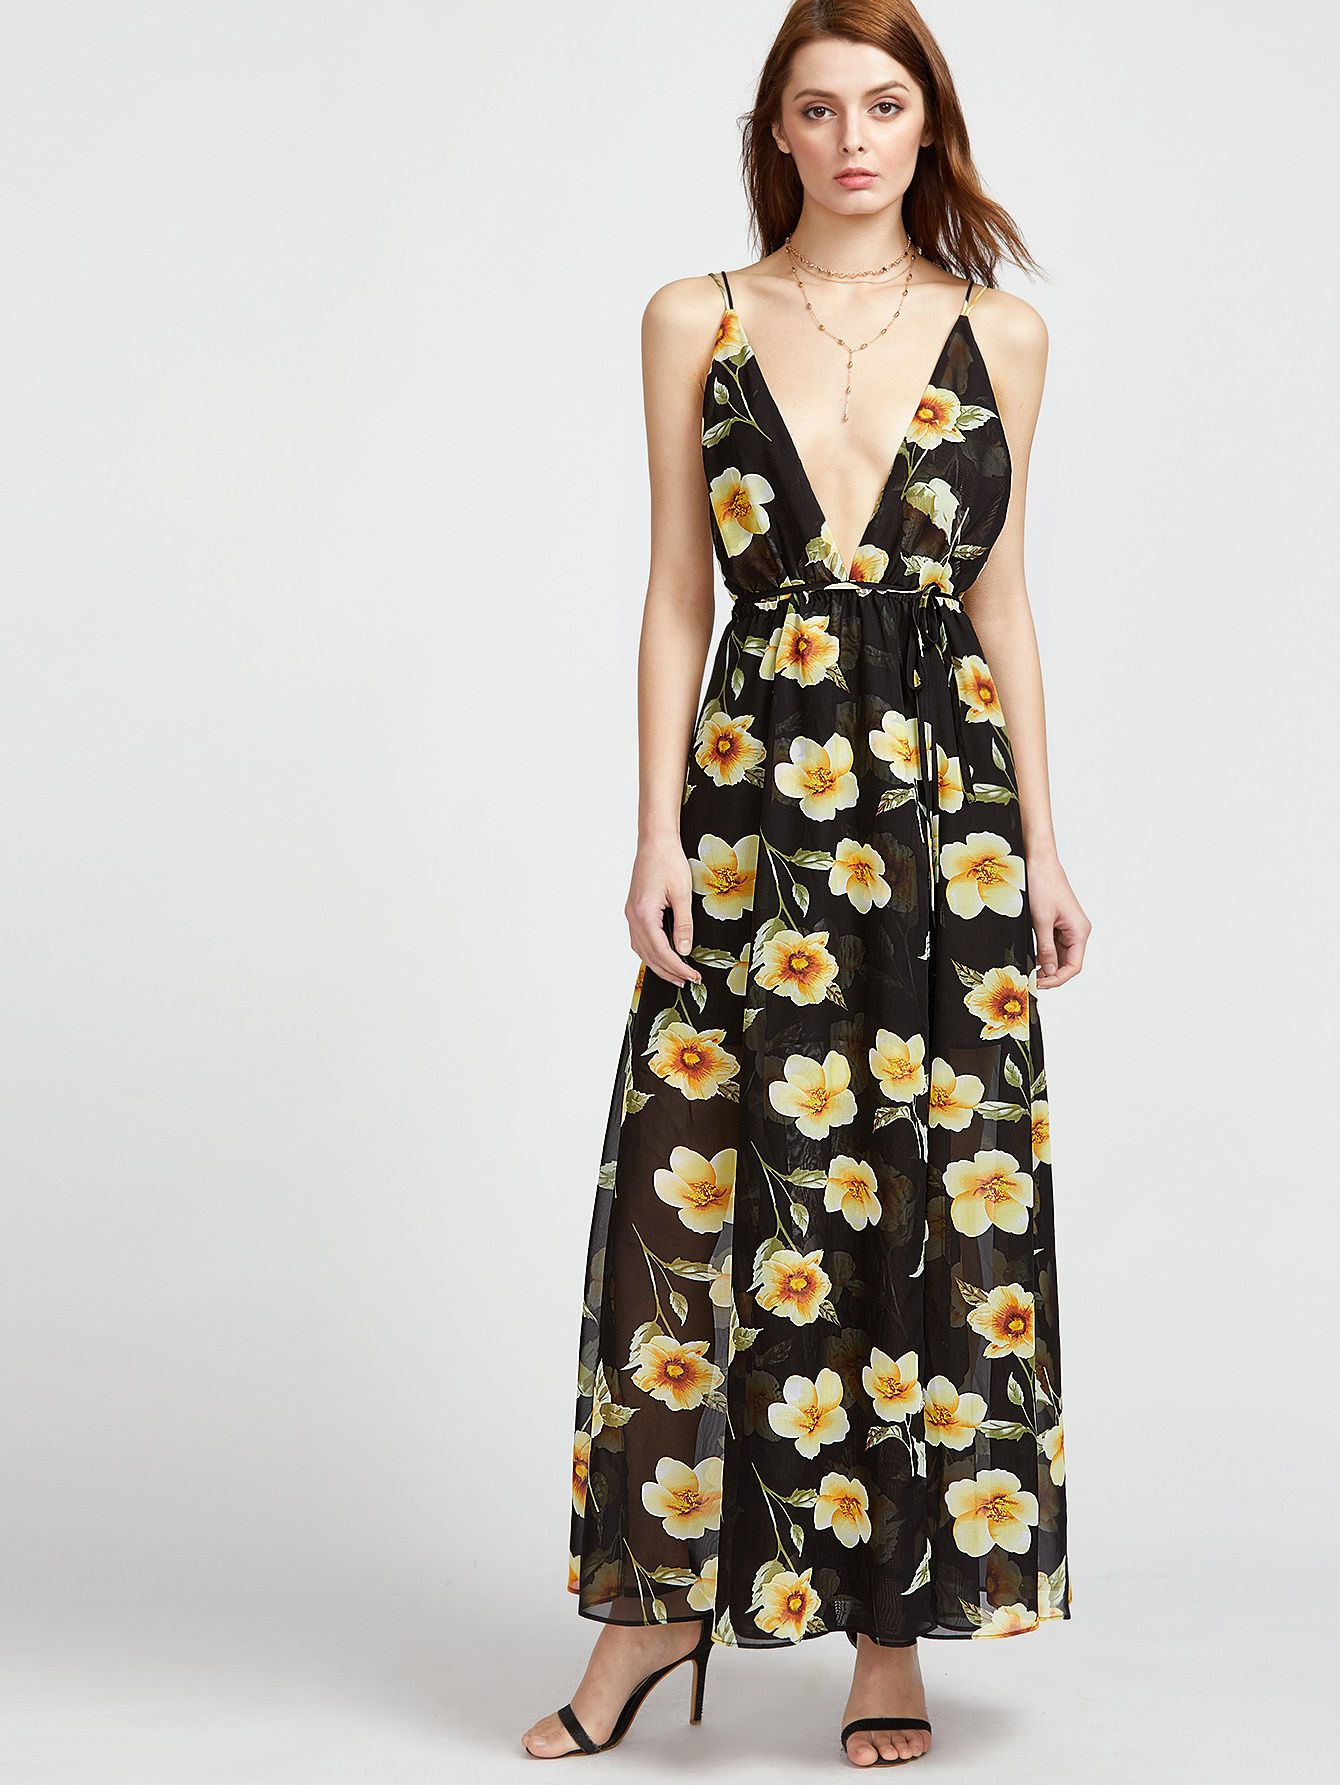 dd51e80918 Black Flower Print Plunge Neck Caged Back Wrap Dress  afflink ...